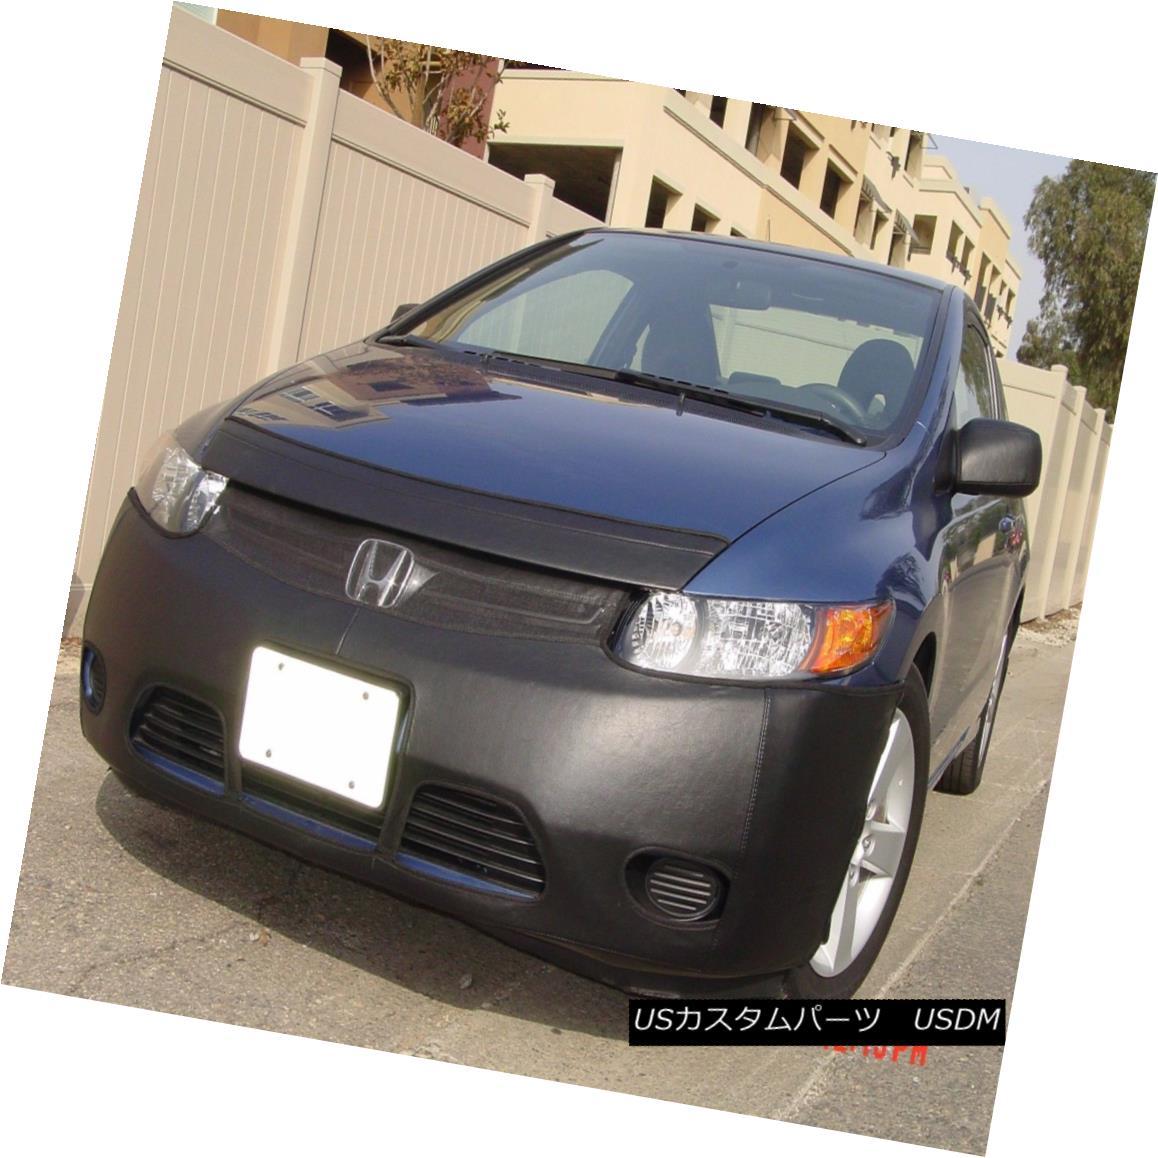 フルブラ ノーズブラ Colgan Front End Mask Bra 2pc. Fits Honda Civic Coupe 2006-2008 w/License Plate コルガンフロントエンドマスクブラ2pc ライセンスプレート付ホンダシビッククーペ2006-2008に適合